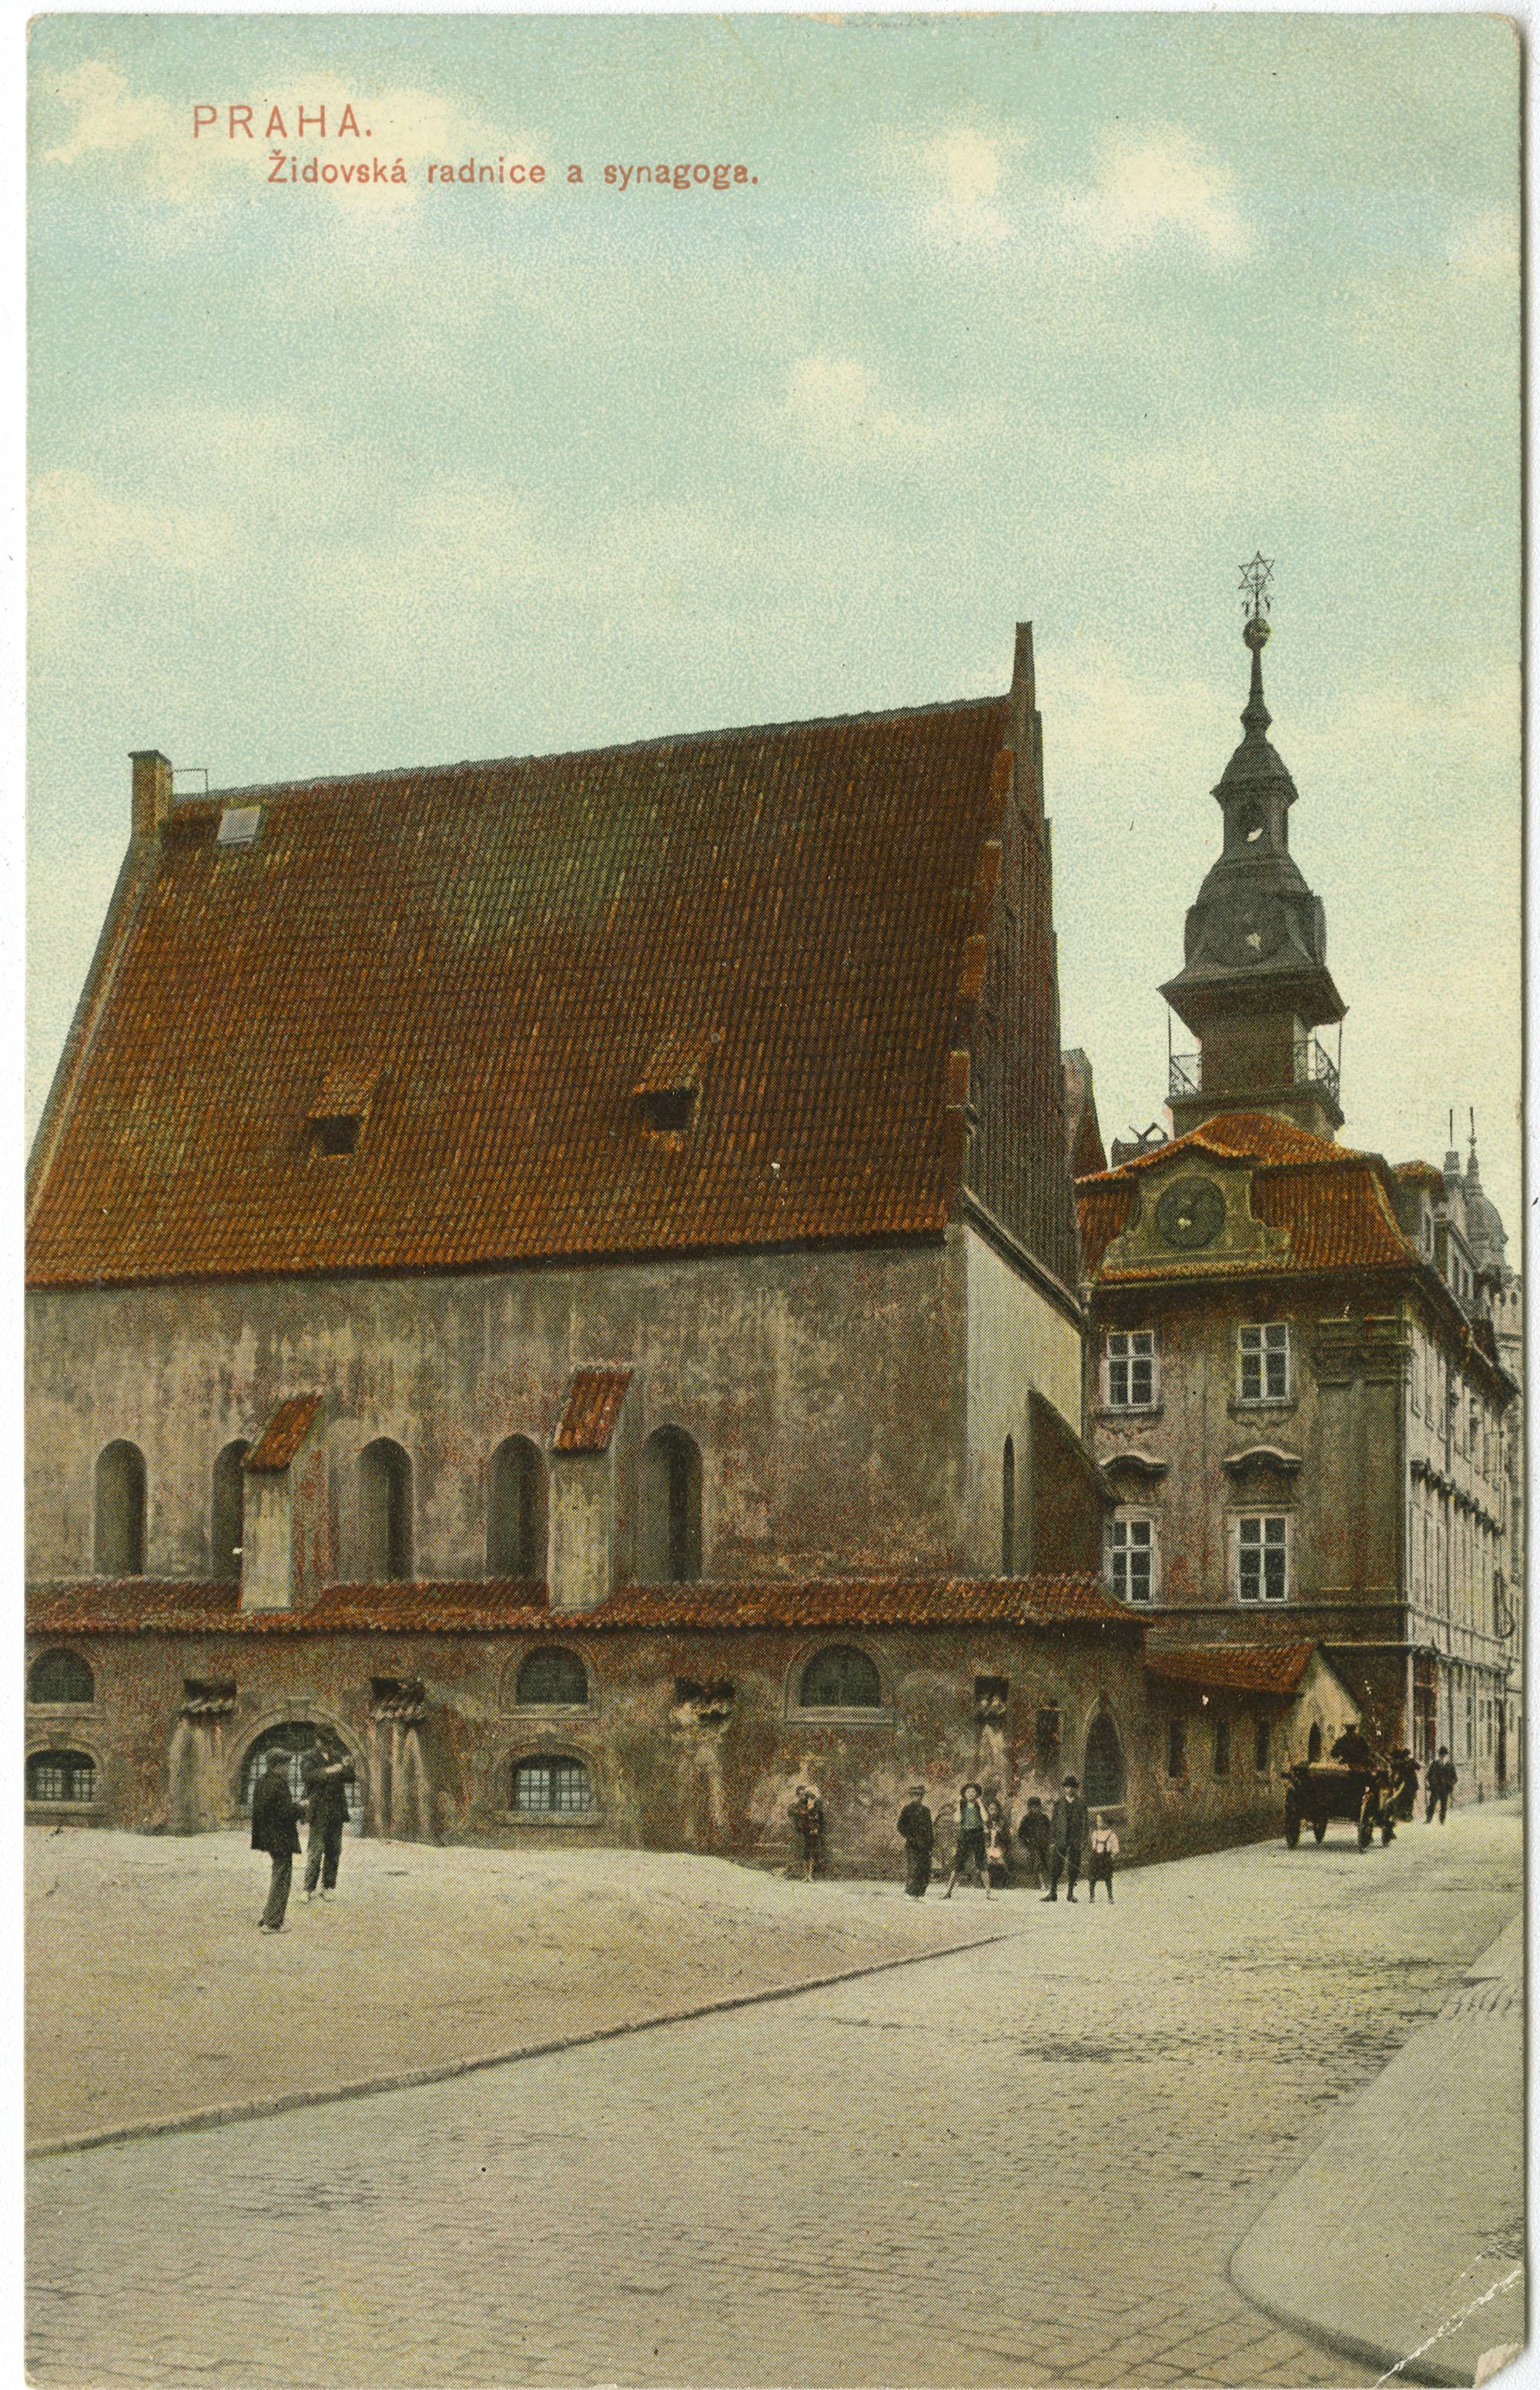 Praha. Židovská radnice a synagoga.